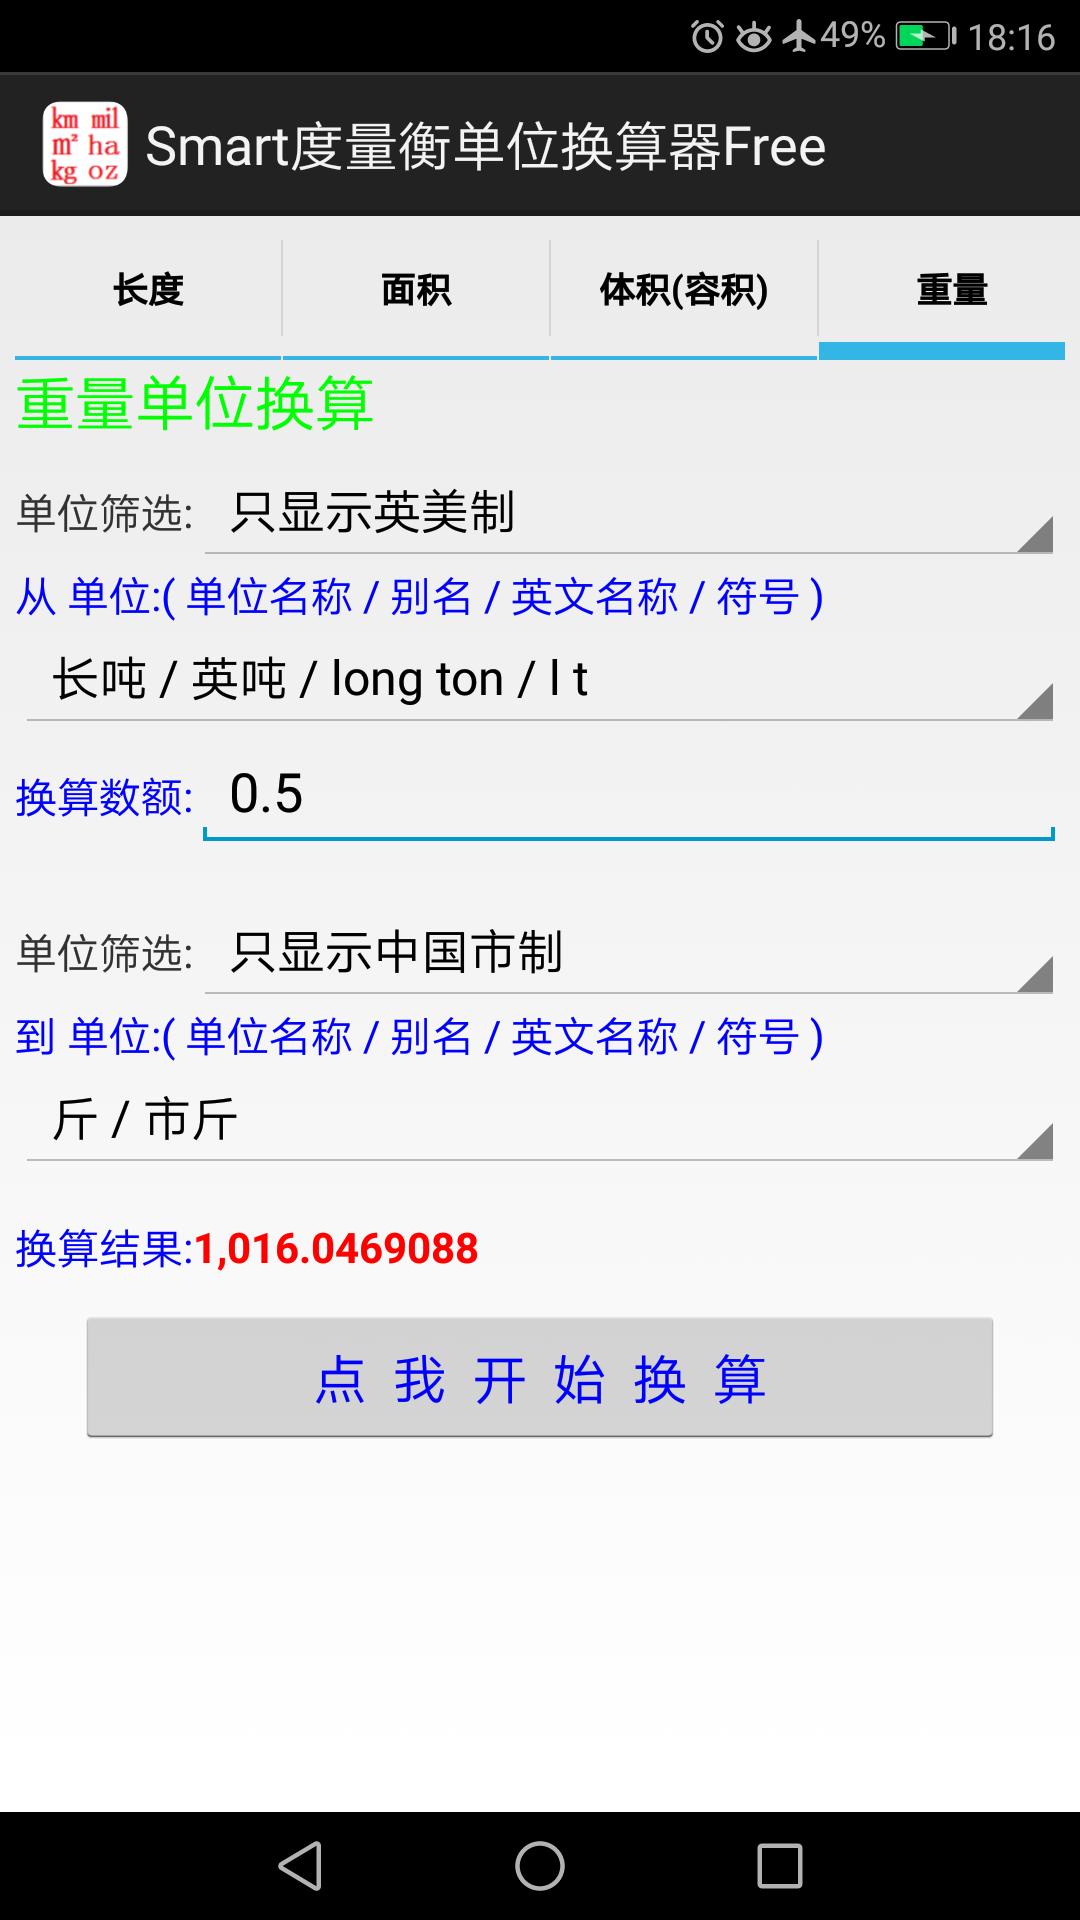 度量衡_free_long t.png